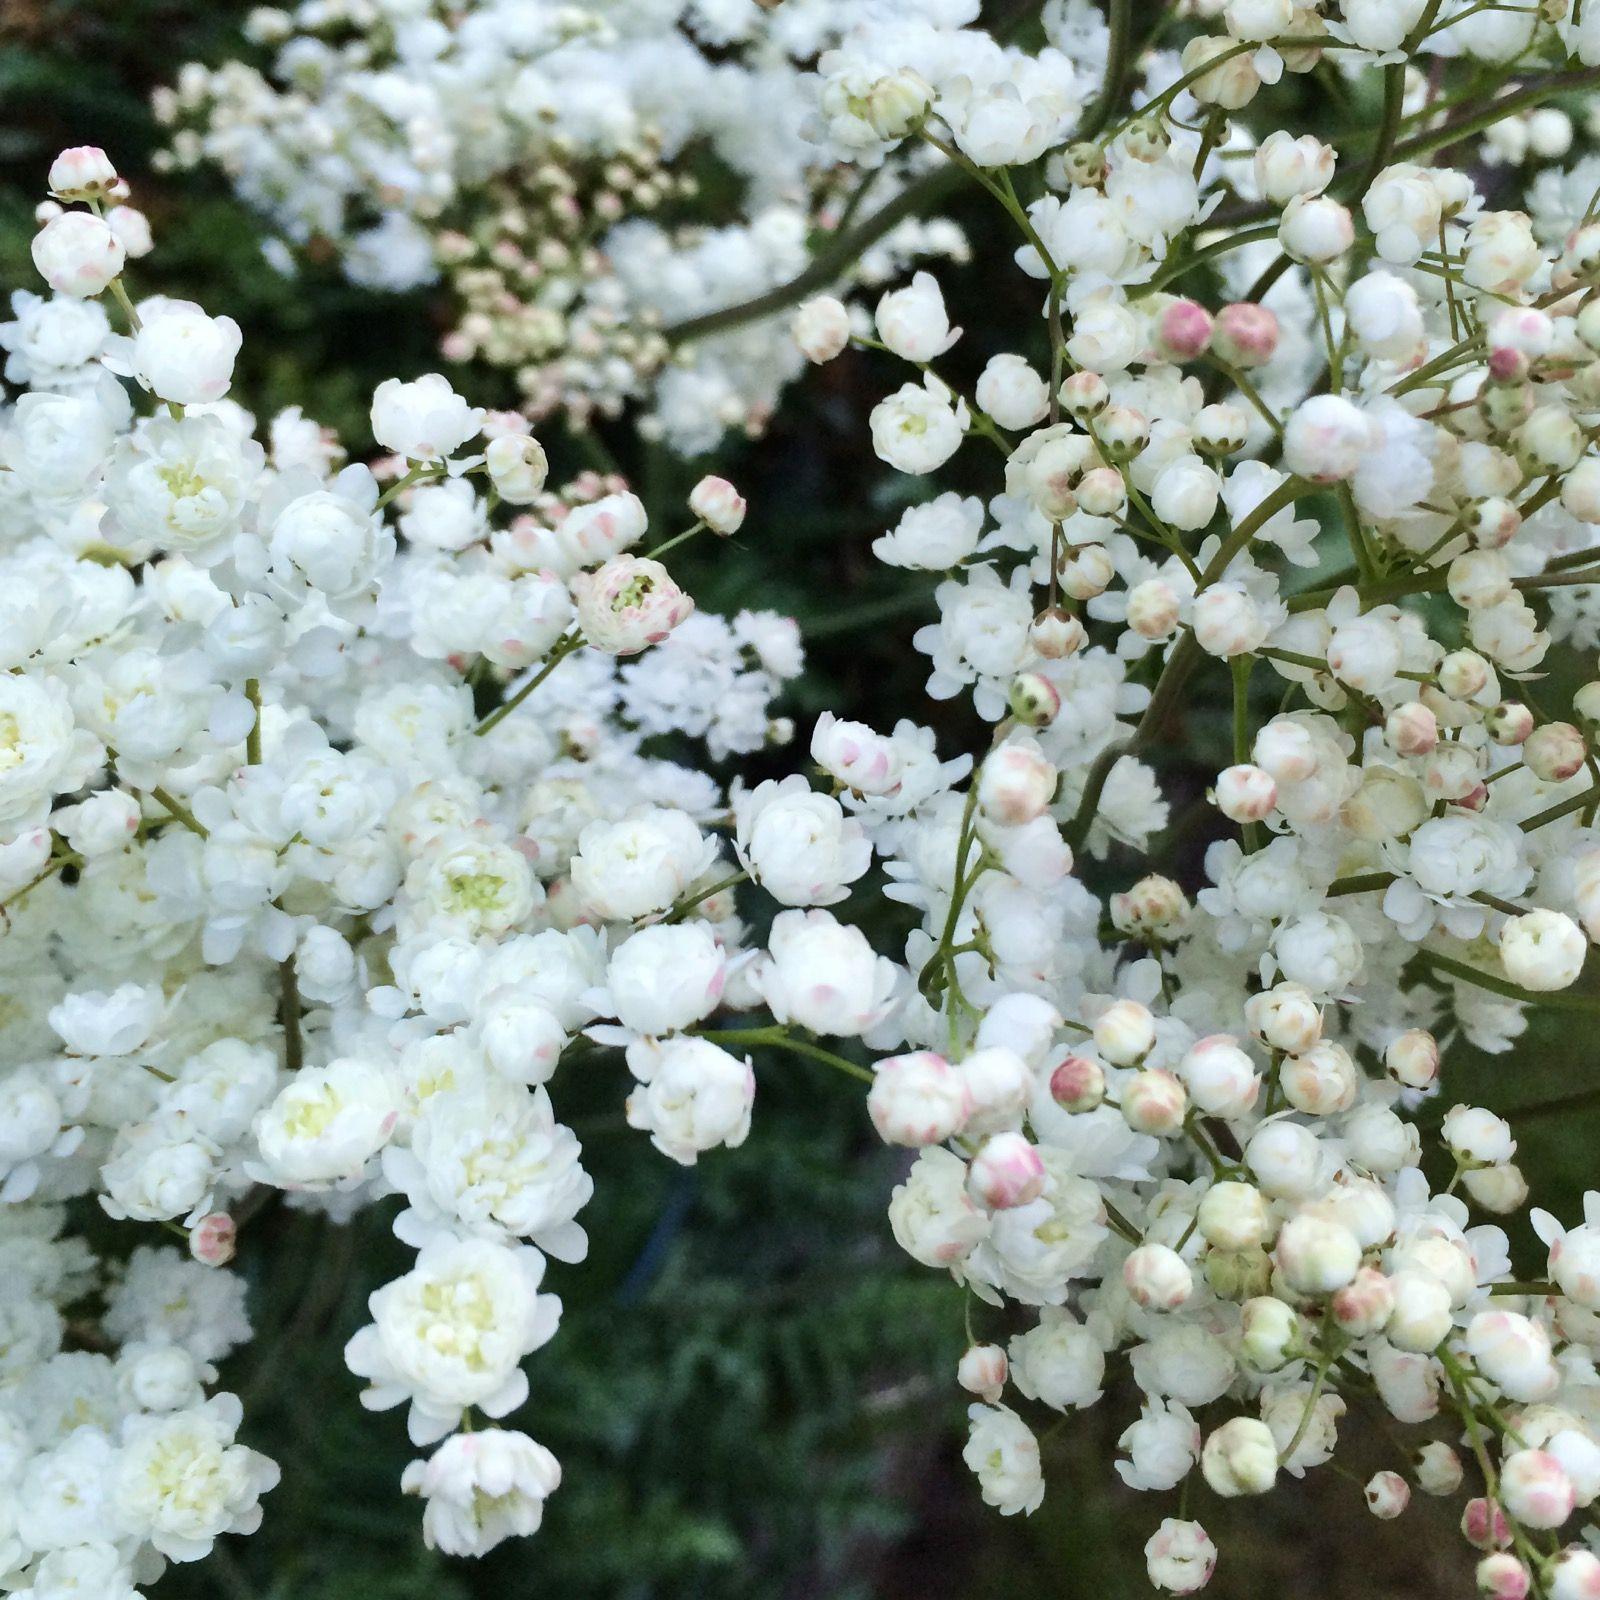 Brudbrod Blommor Tradgard